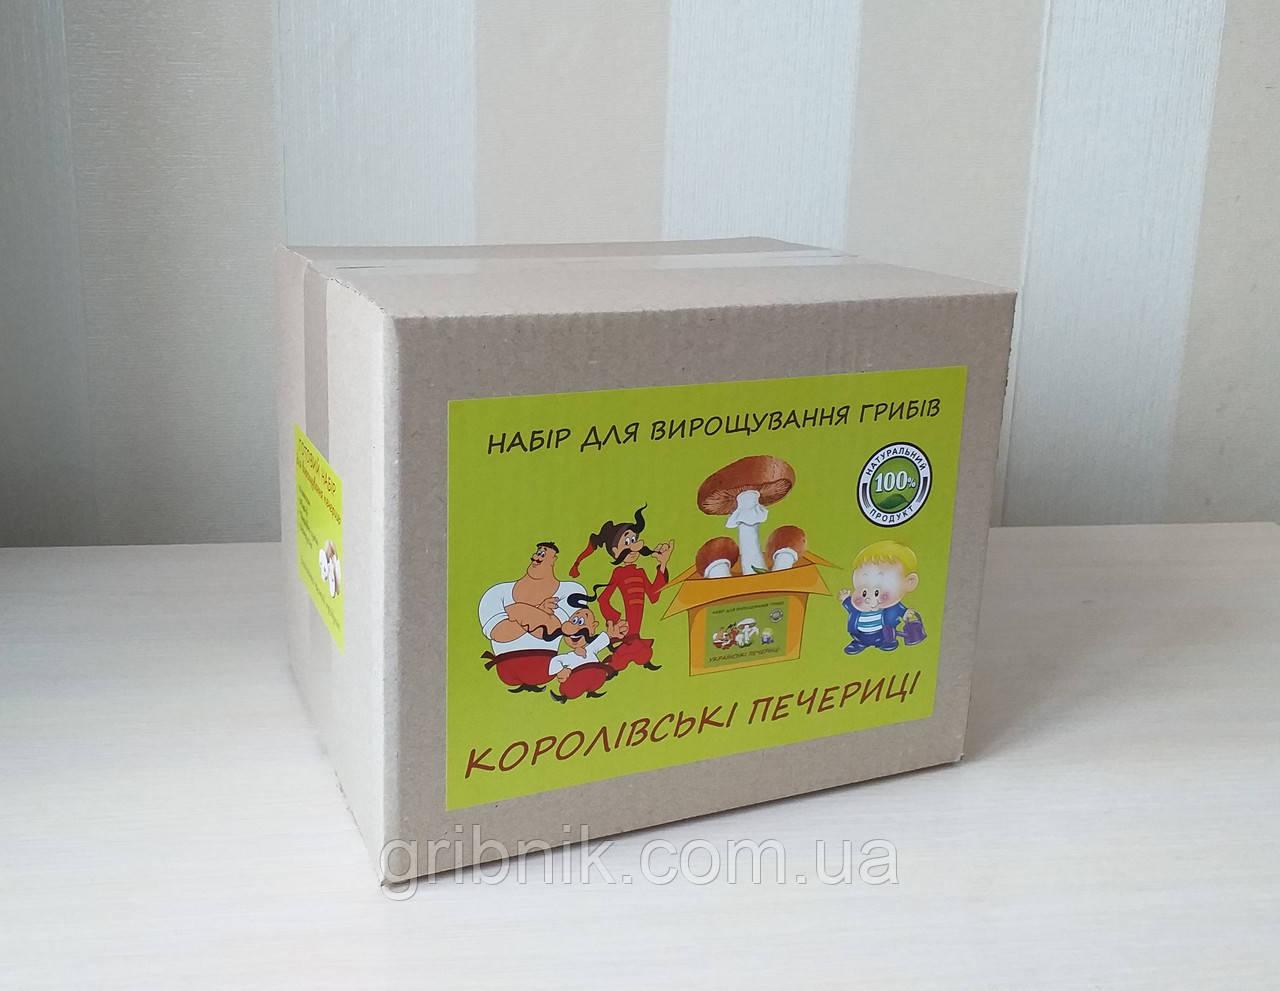 Грибная коробка для выращивания королевских шампиньонов (коричневые)